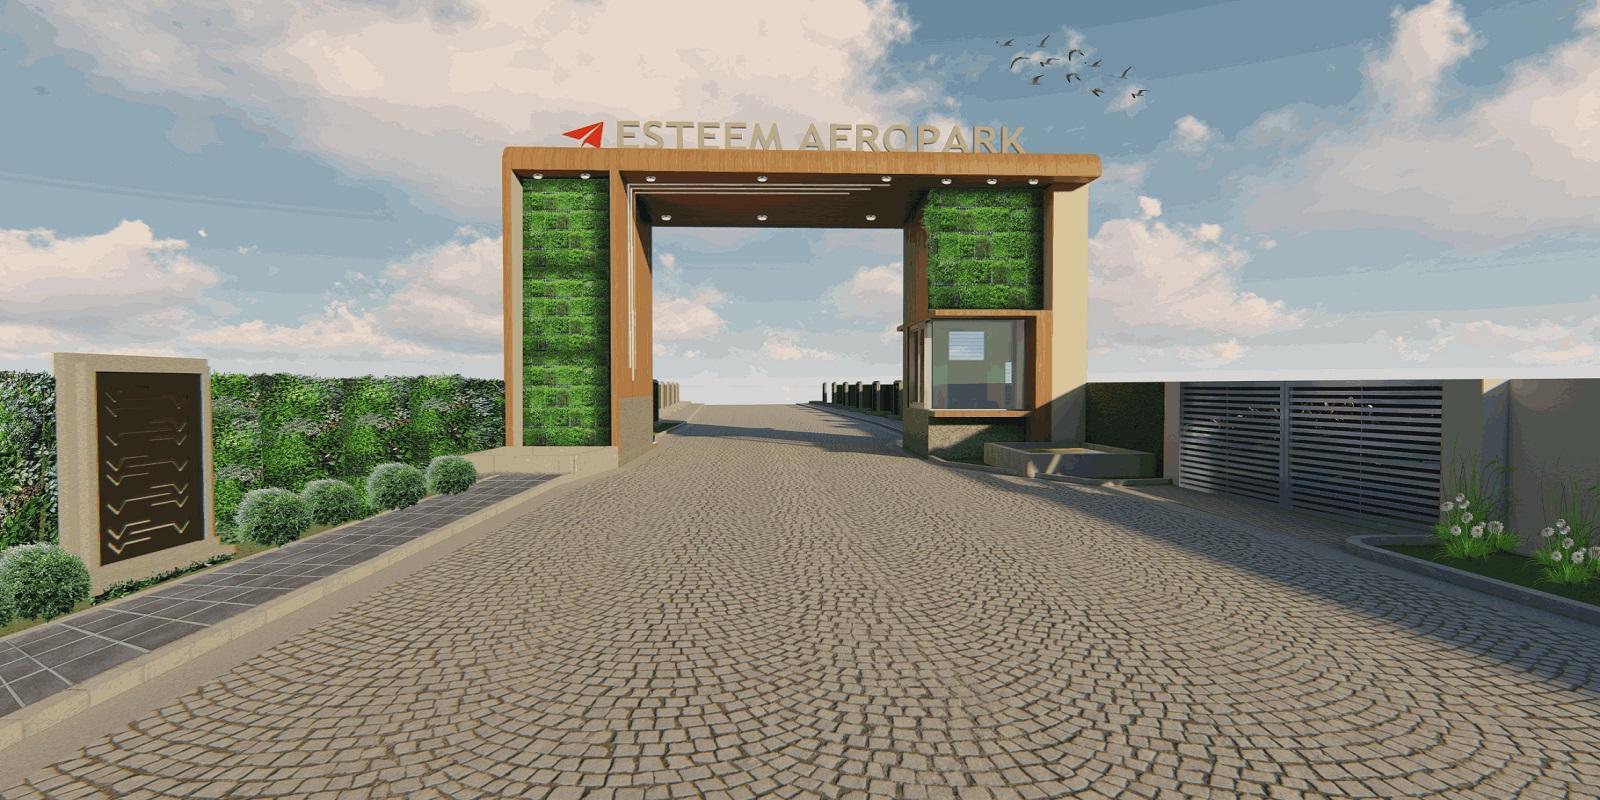 esteem aeropark project project large image1